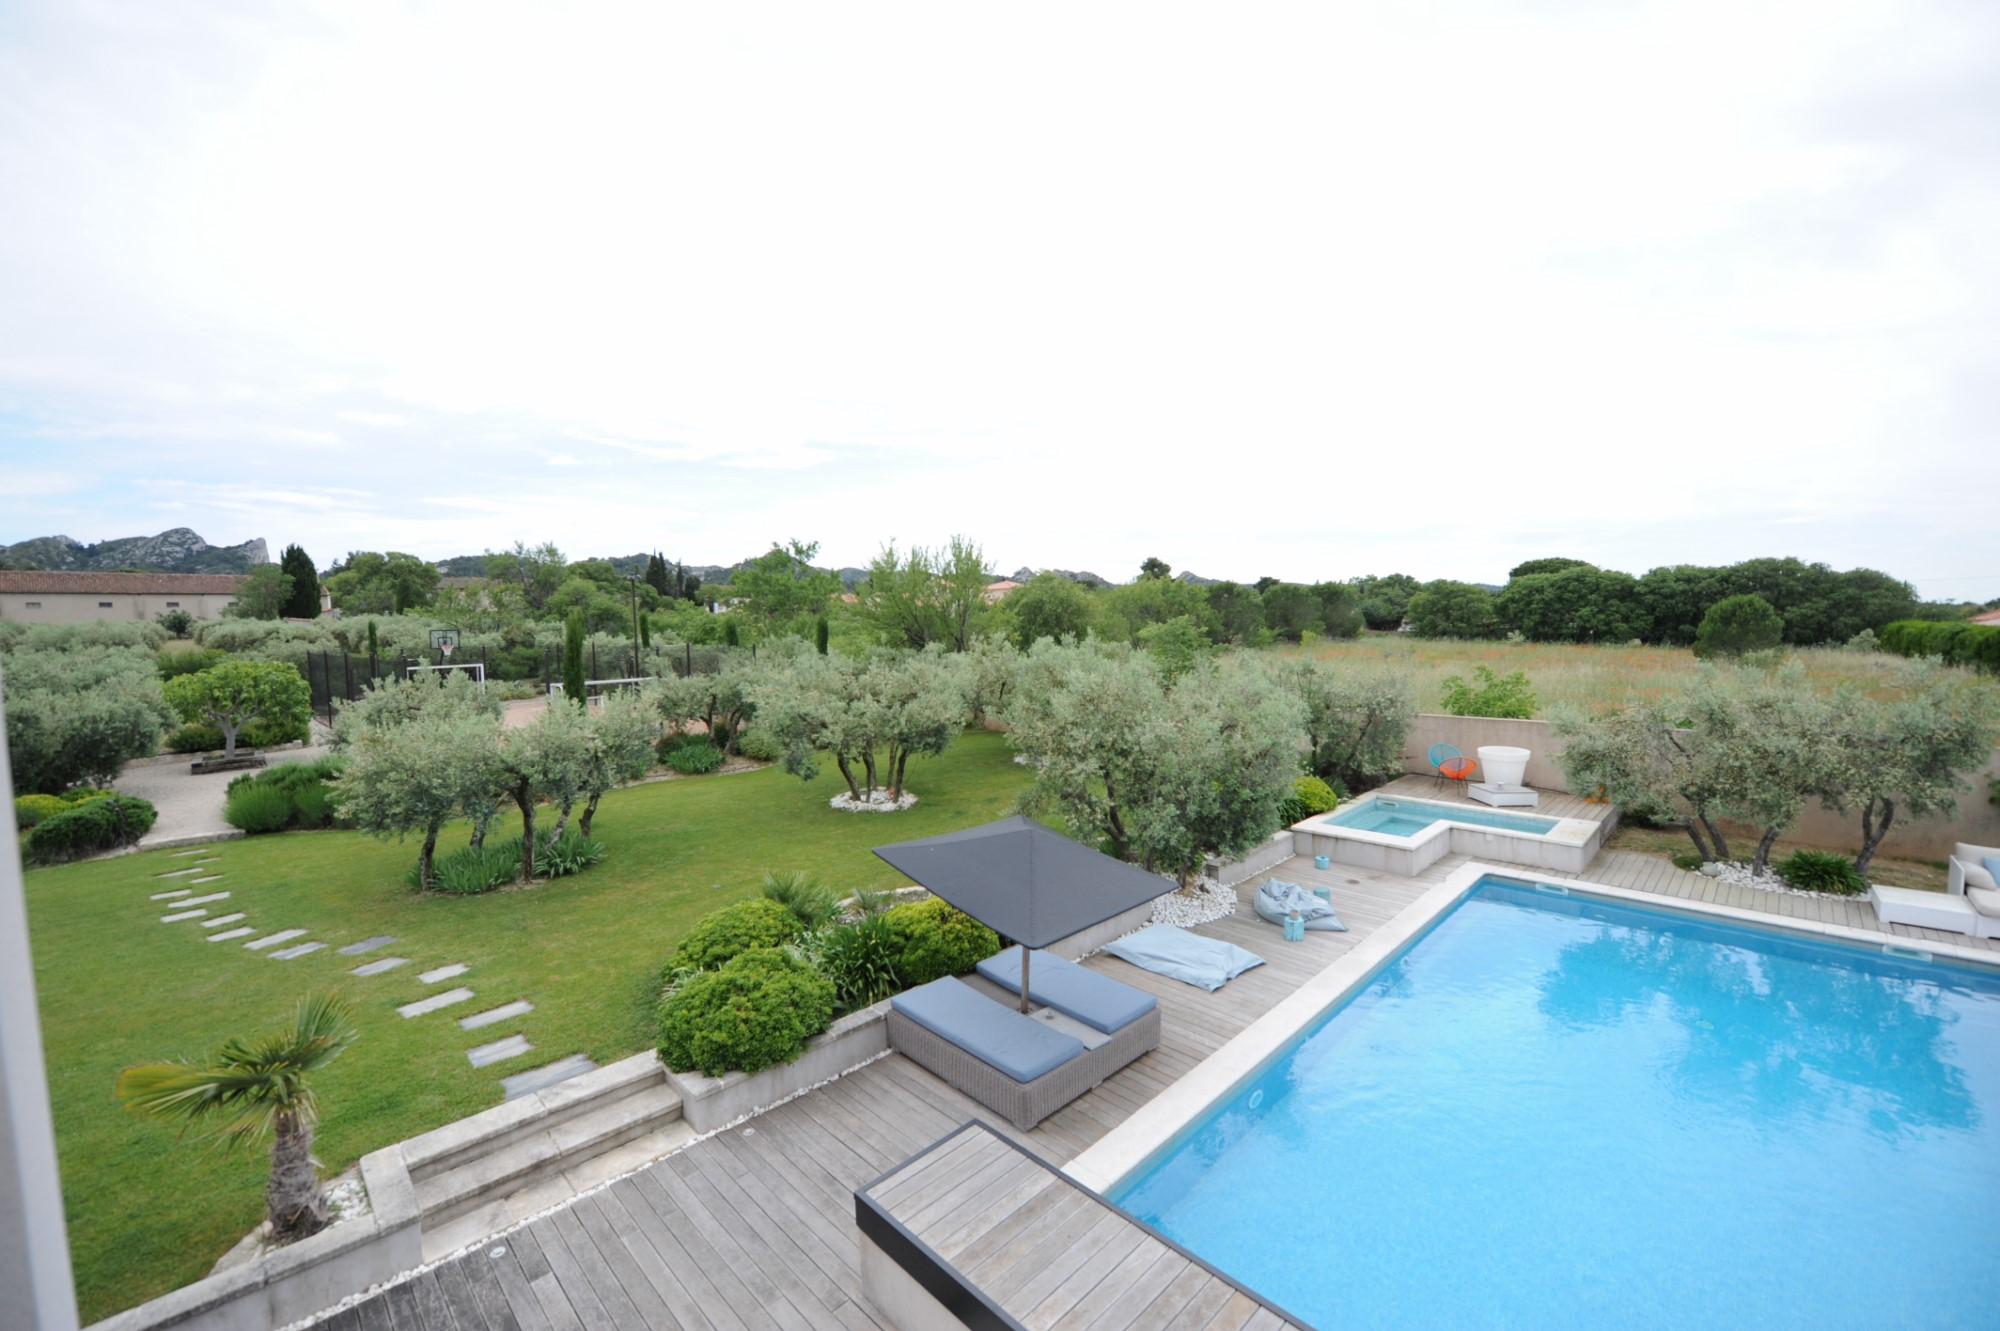 Ventes a vendre st r my de provence maison d 39 architecte for Camping saint remy de provence avec piscine